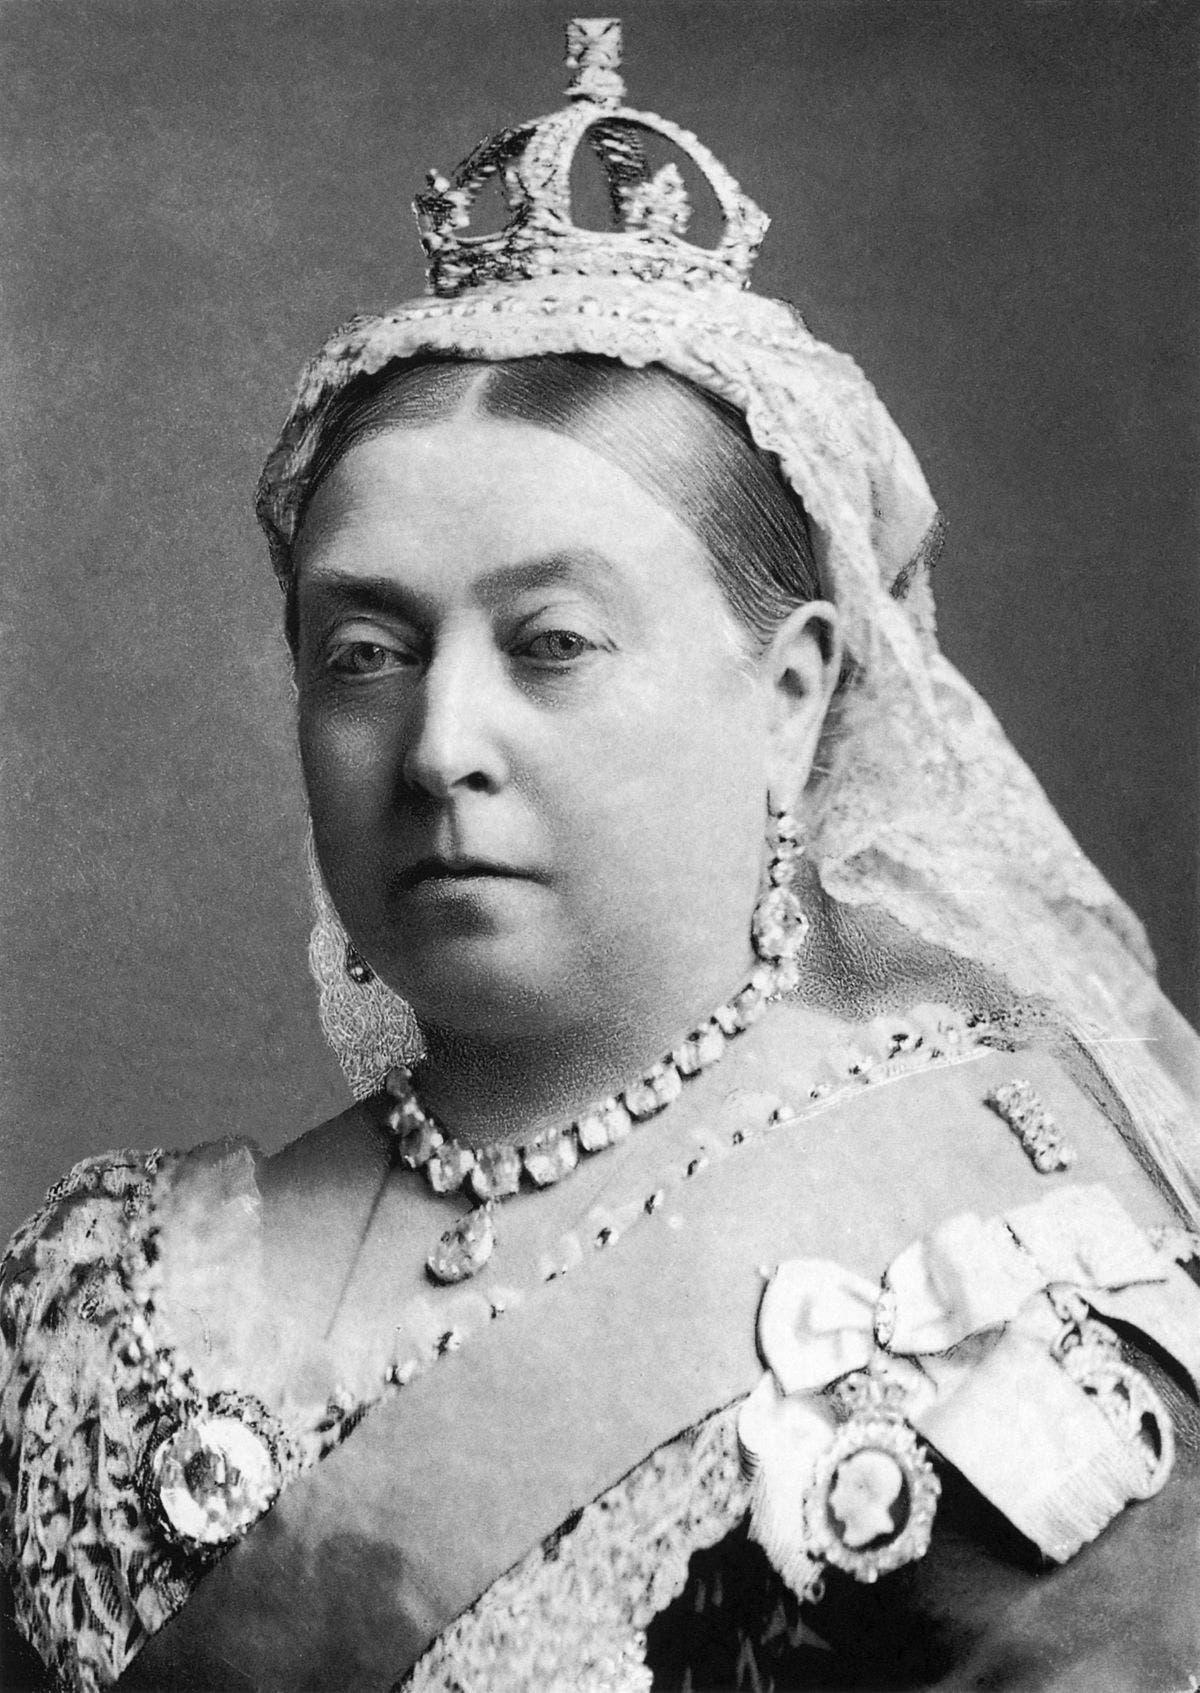 صورة للملكة فيكتوريا التي استخدمت مخدر الكلوروفورم خلال عملية ولادة ابنها الثامن